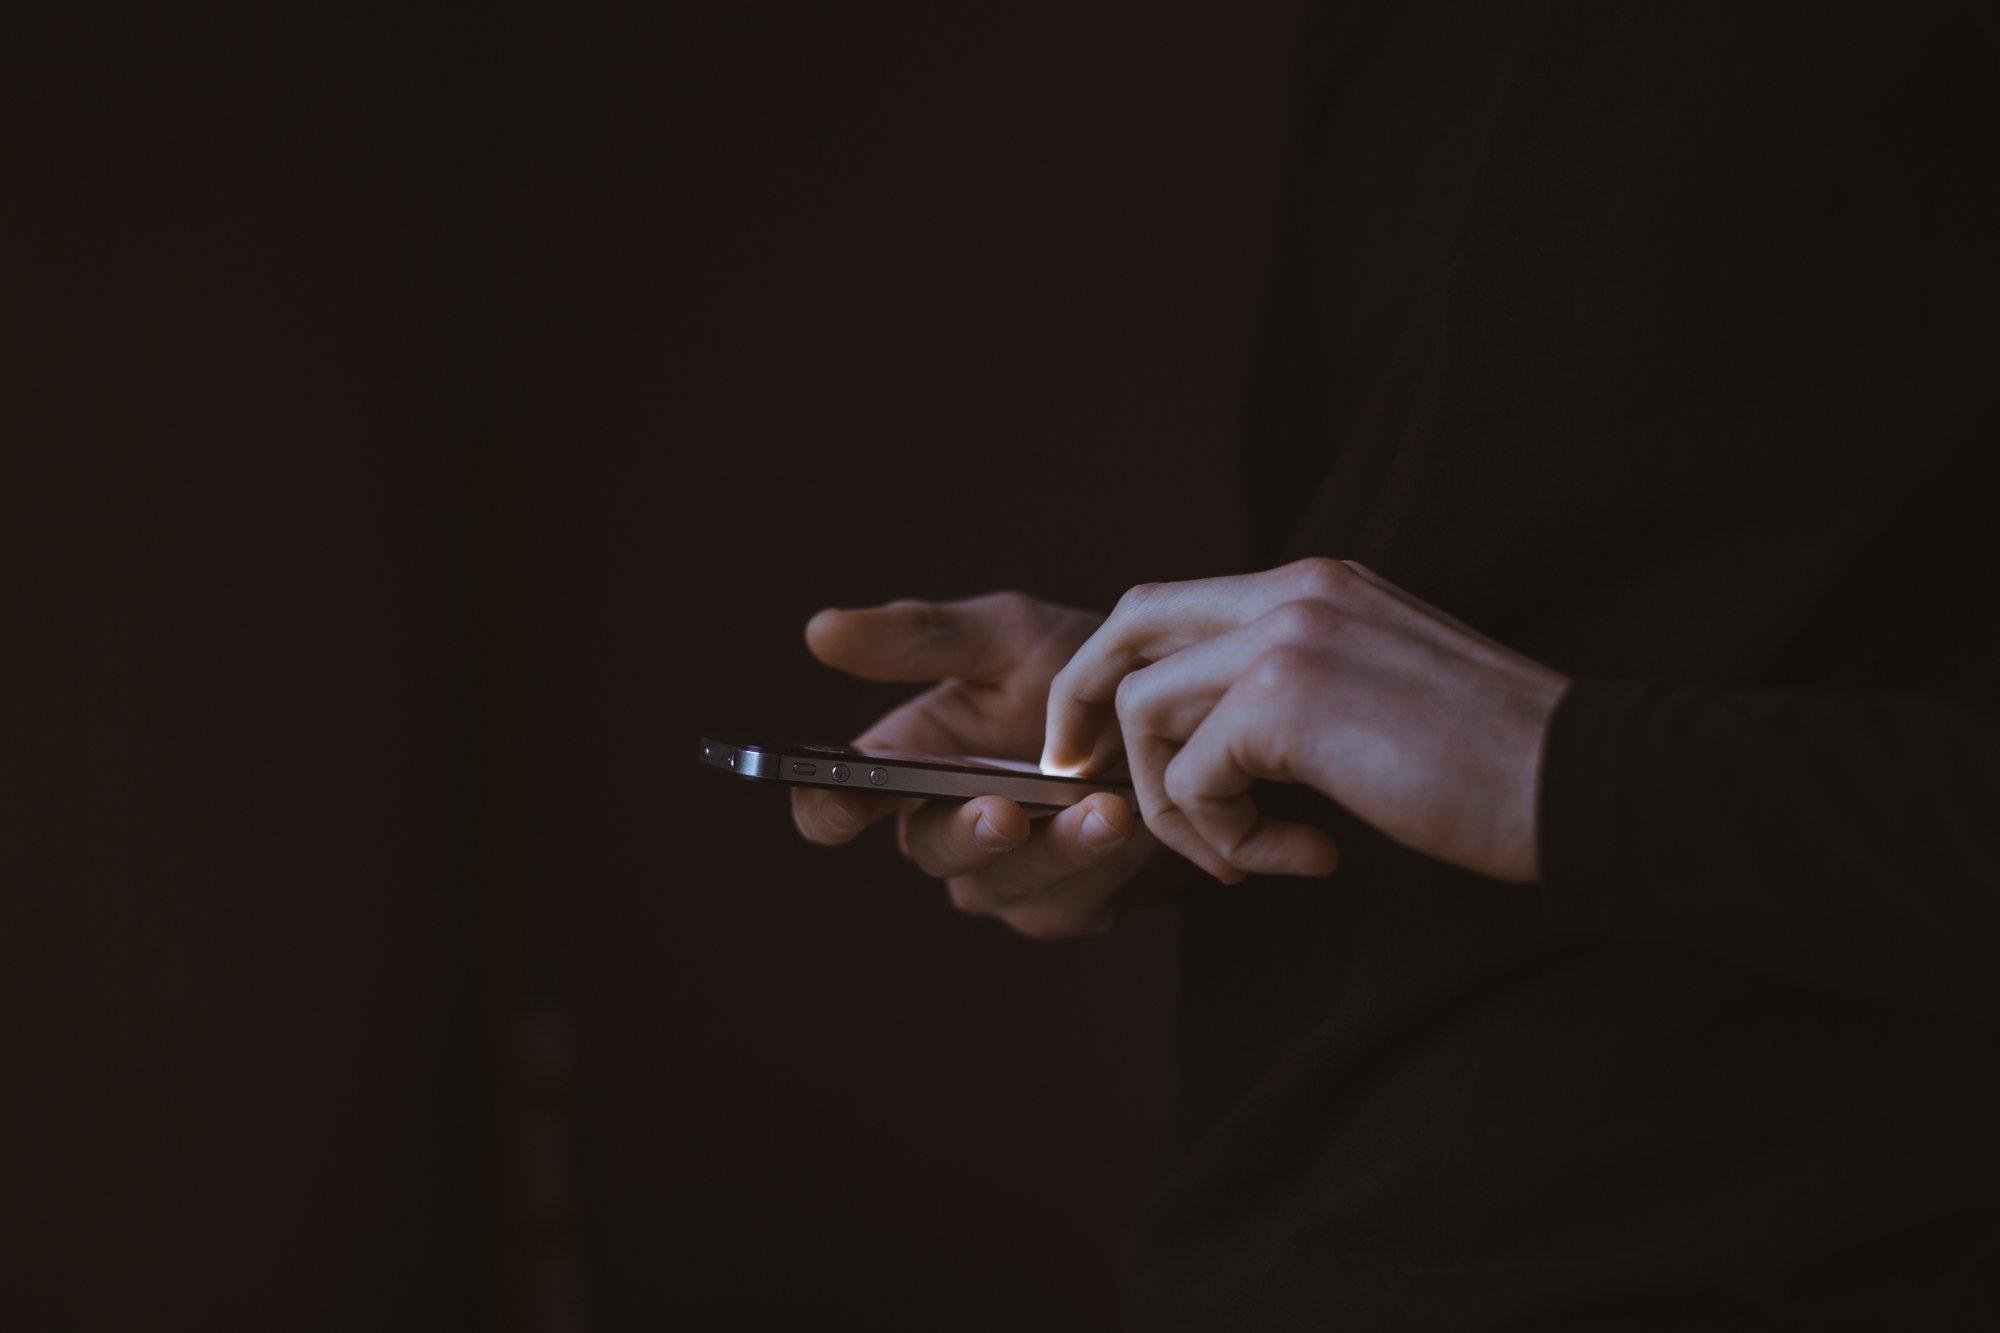 Dopamin: Arte mit Miniserie über die Gründe, warum uns Tinder, Facebook und Co. süchtig machen